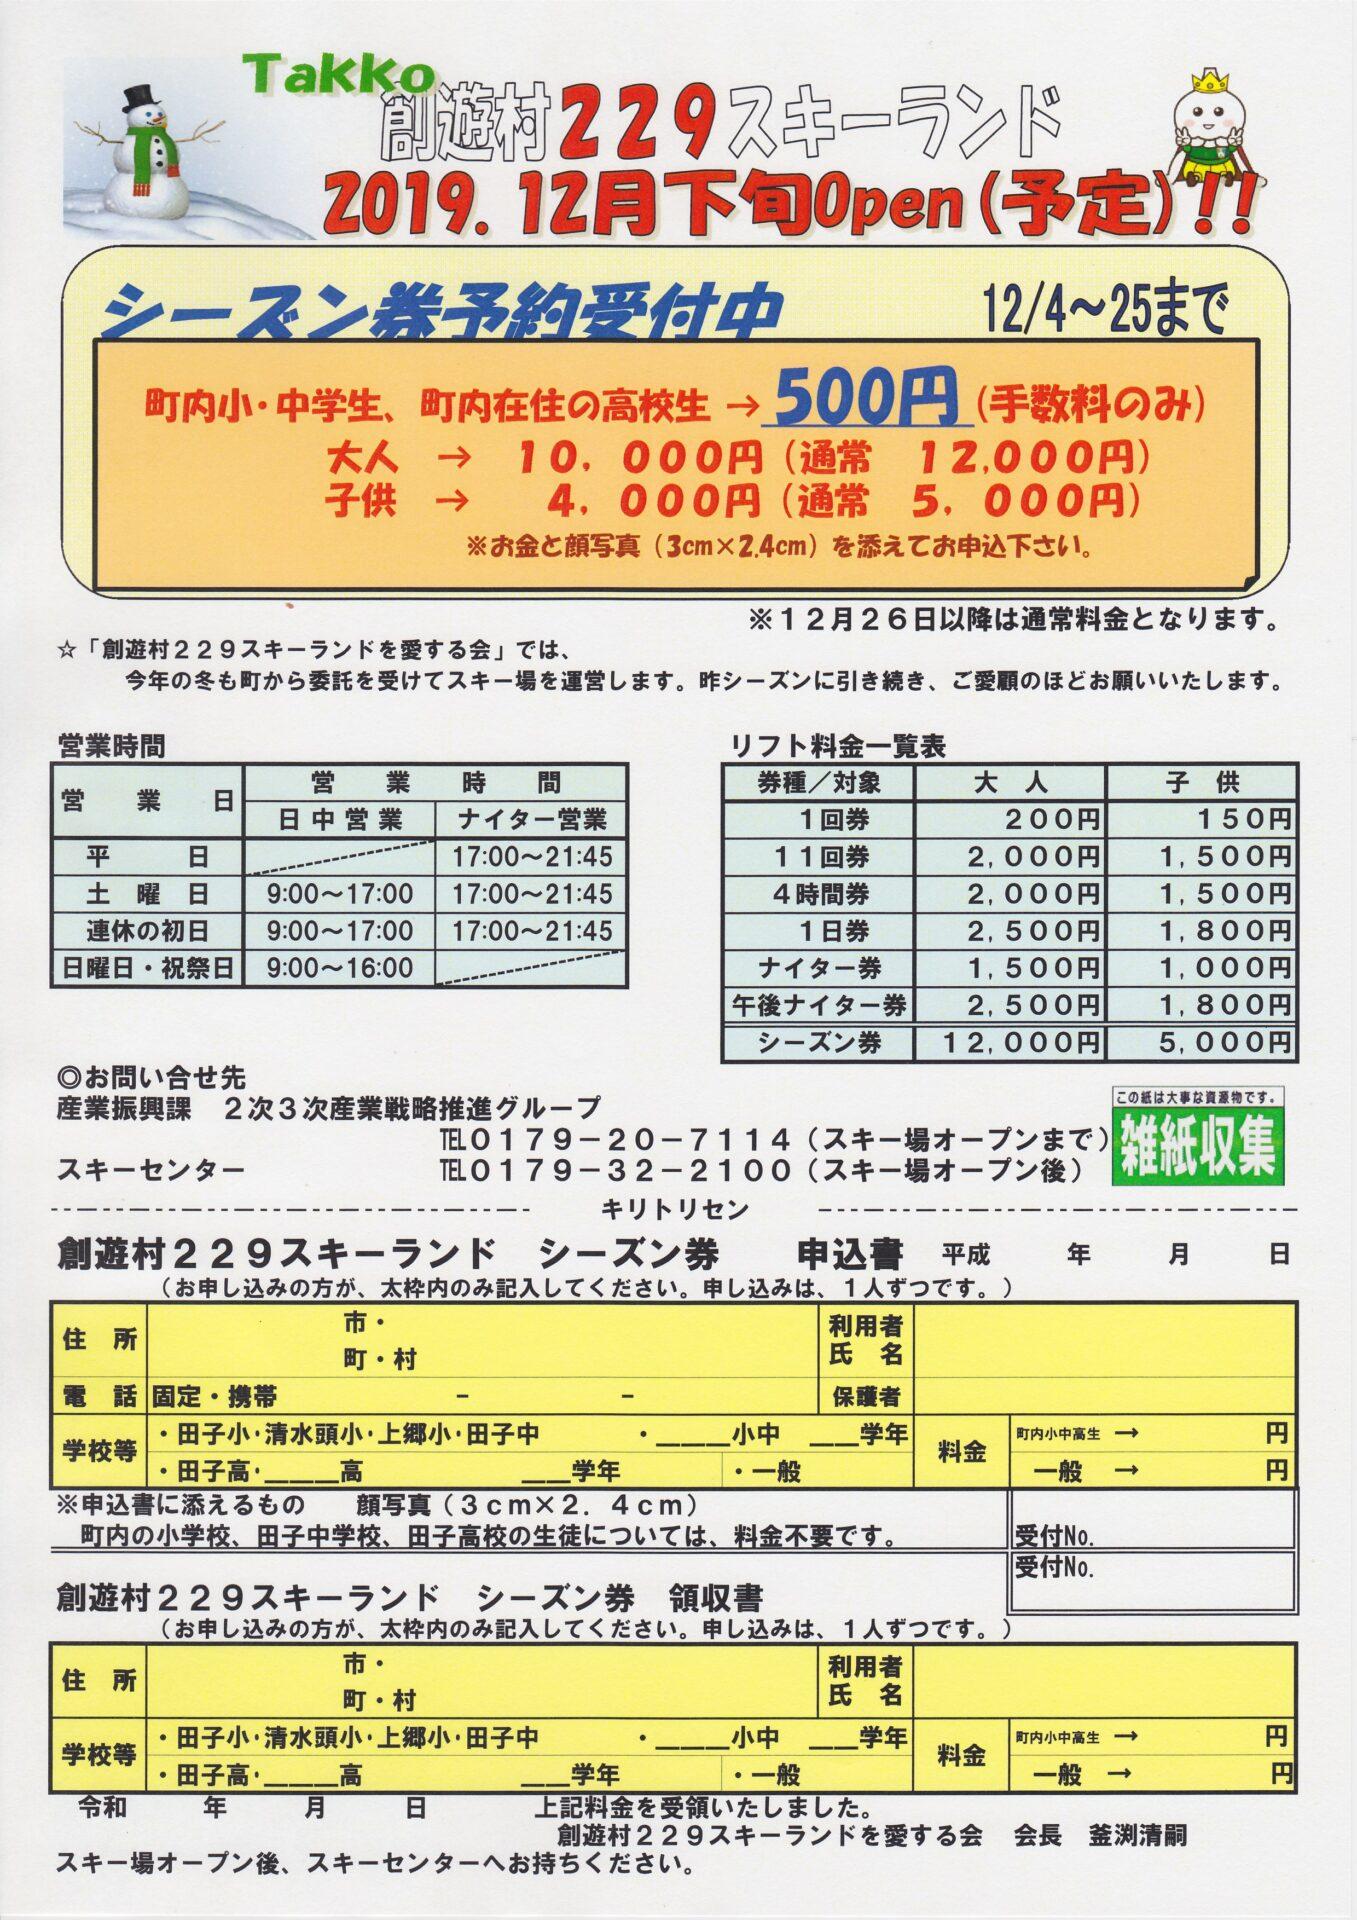 田子町 創遊村229スキーランド 2019年12月オープン予定